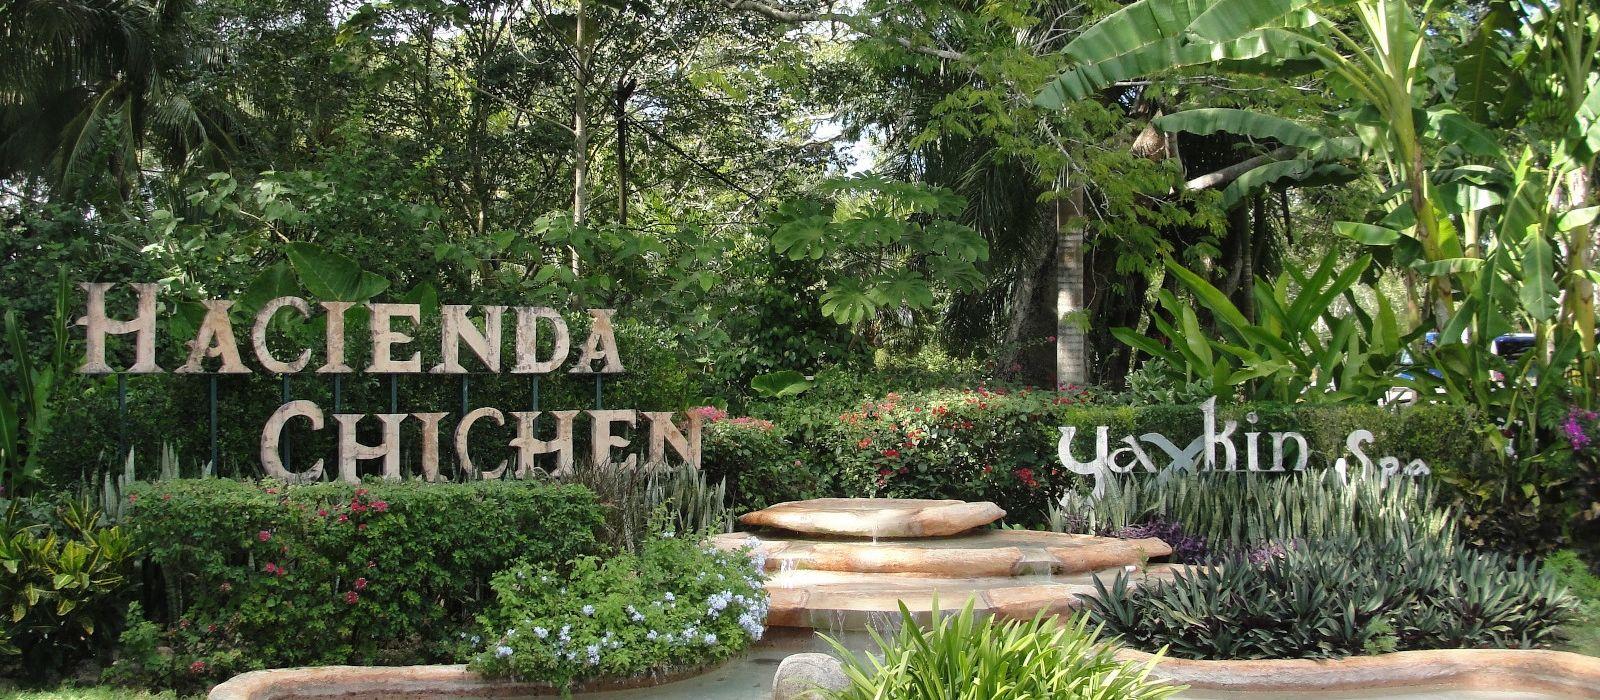 Hotel Hacienda Chichen Mexico